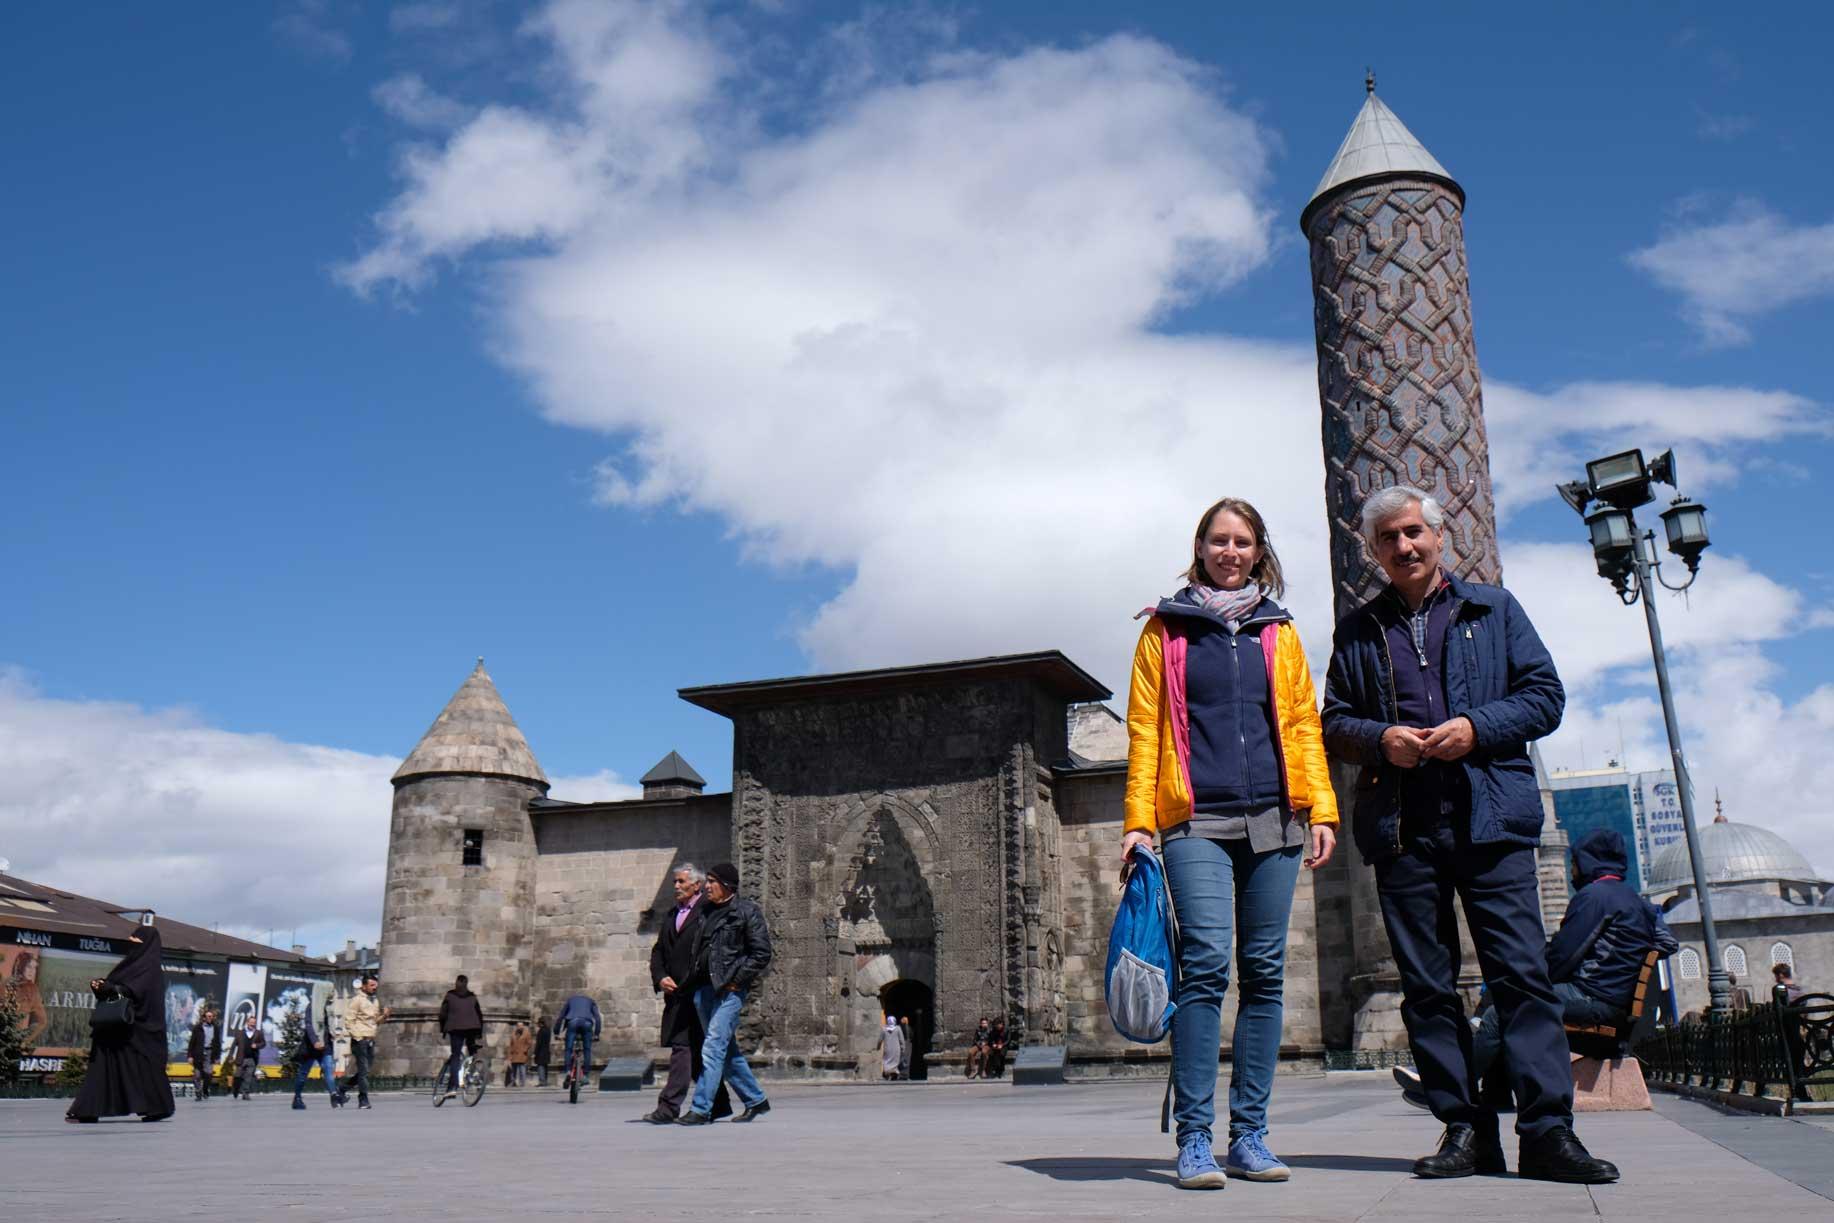 Vor der Yakutiye-Medrese, heute ein Museum über das Leben früher in Erzurum